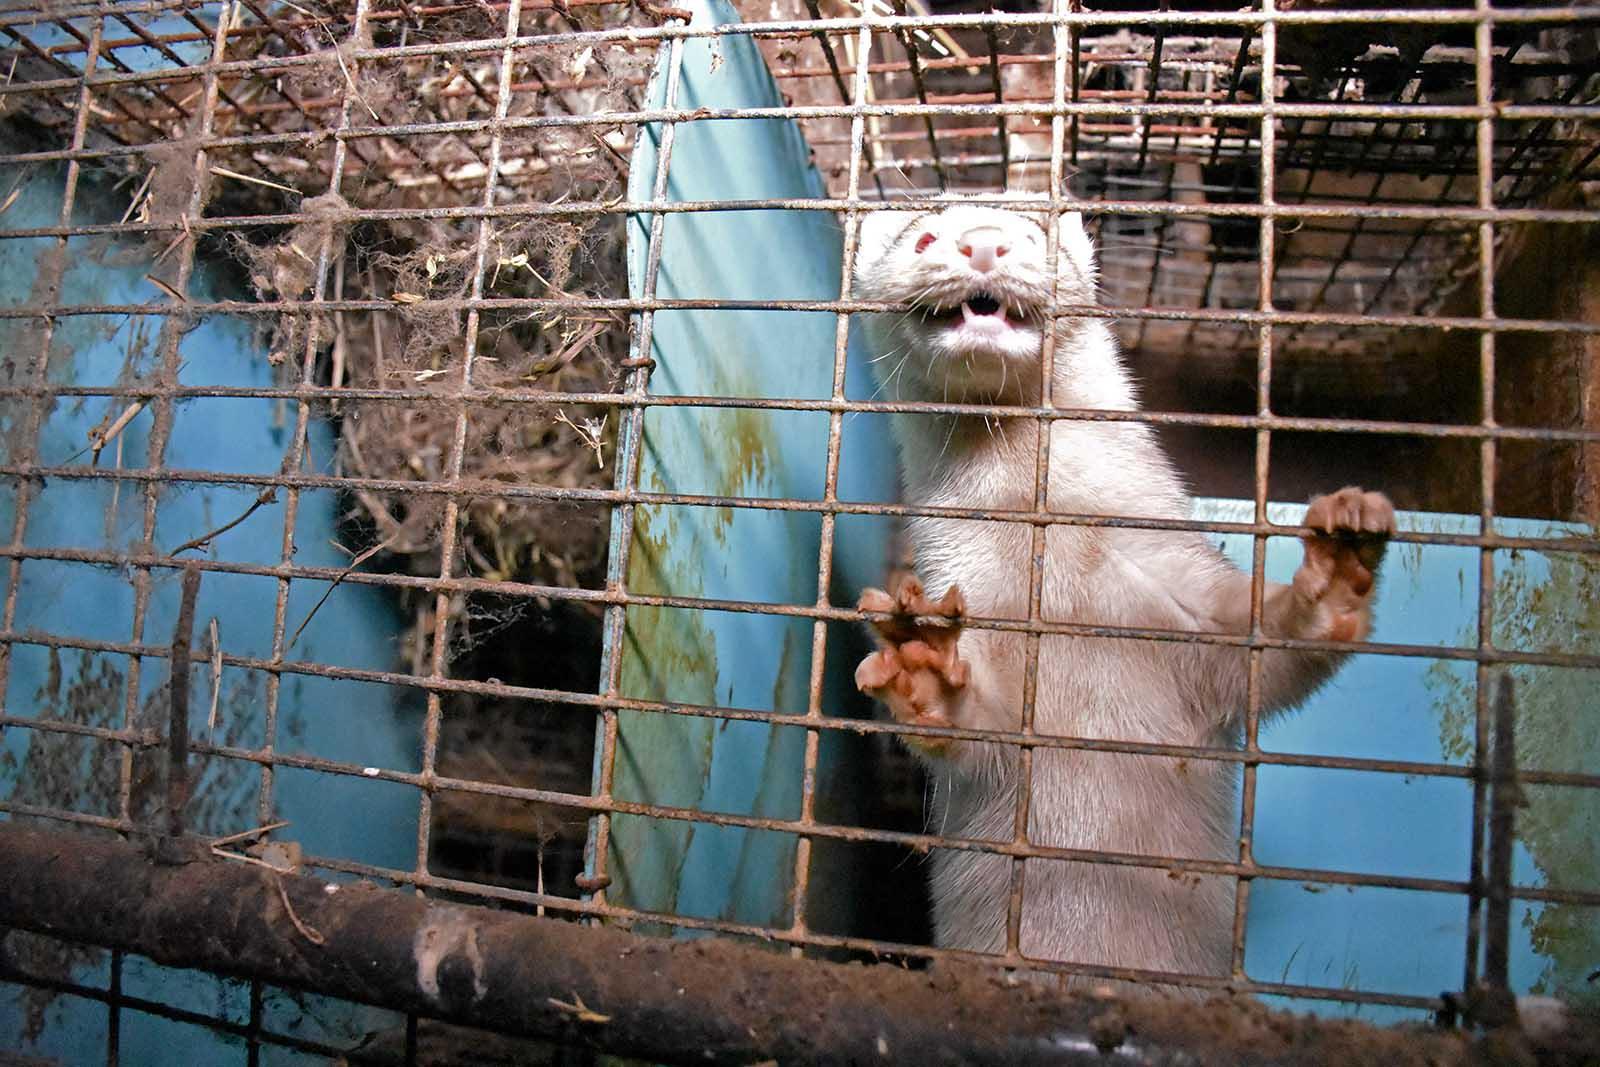 Escada verkauft wieder Pelz – jetzt Petition unterschreiben!